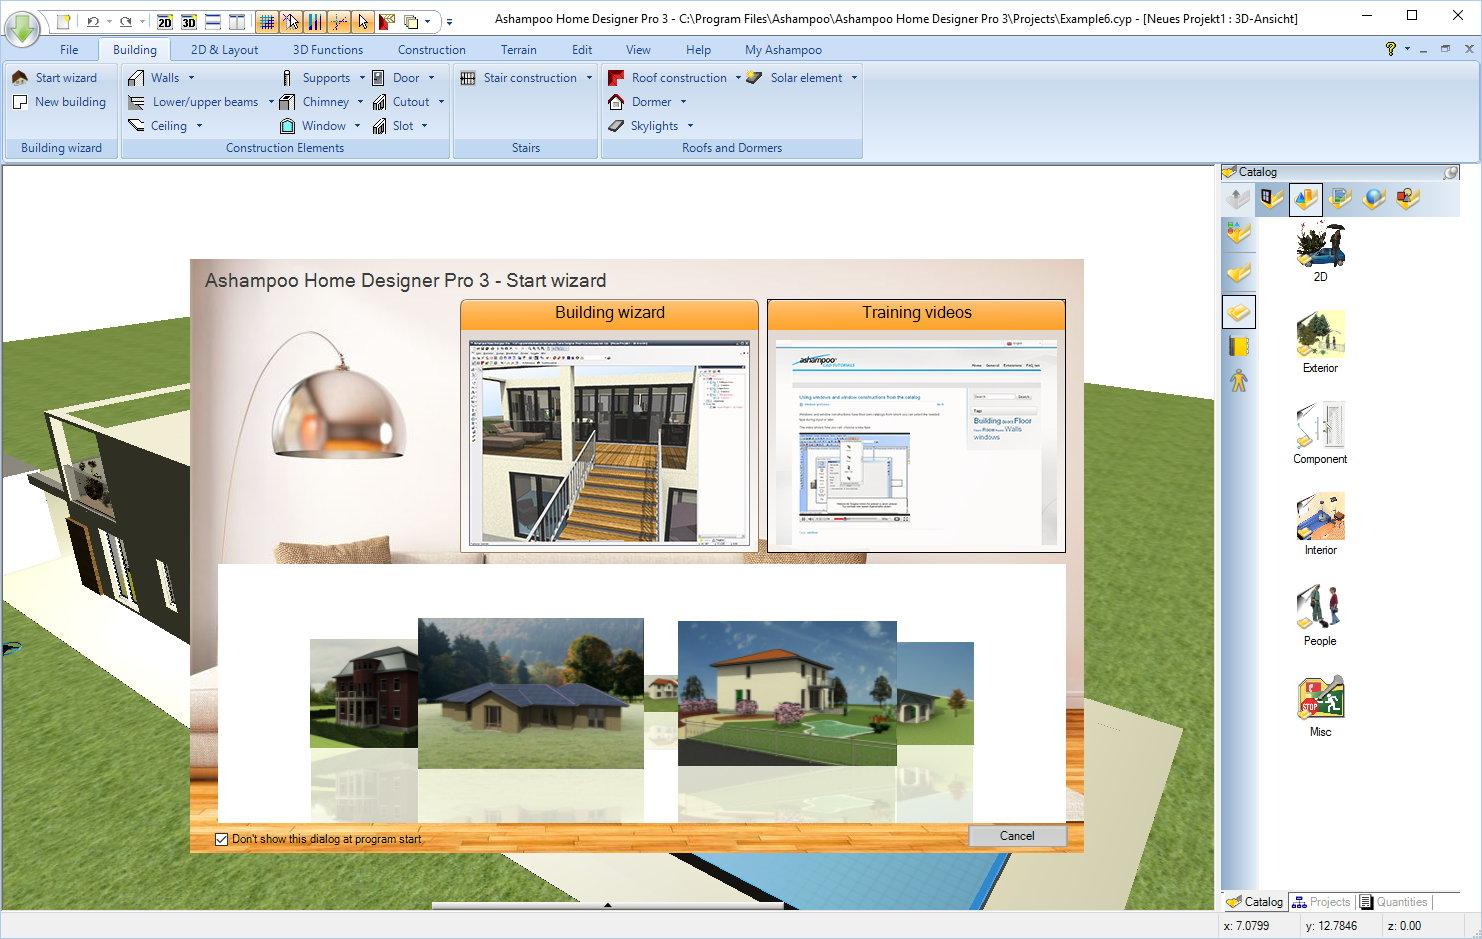 Ashampoo Home Designer Pro 3, Ashampoo Home Designer